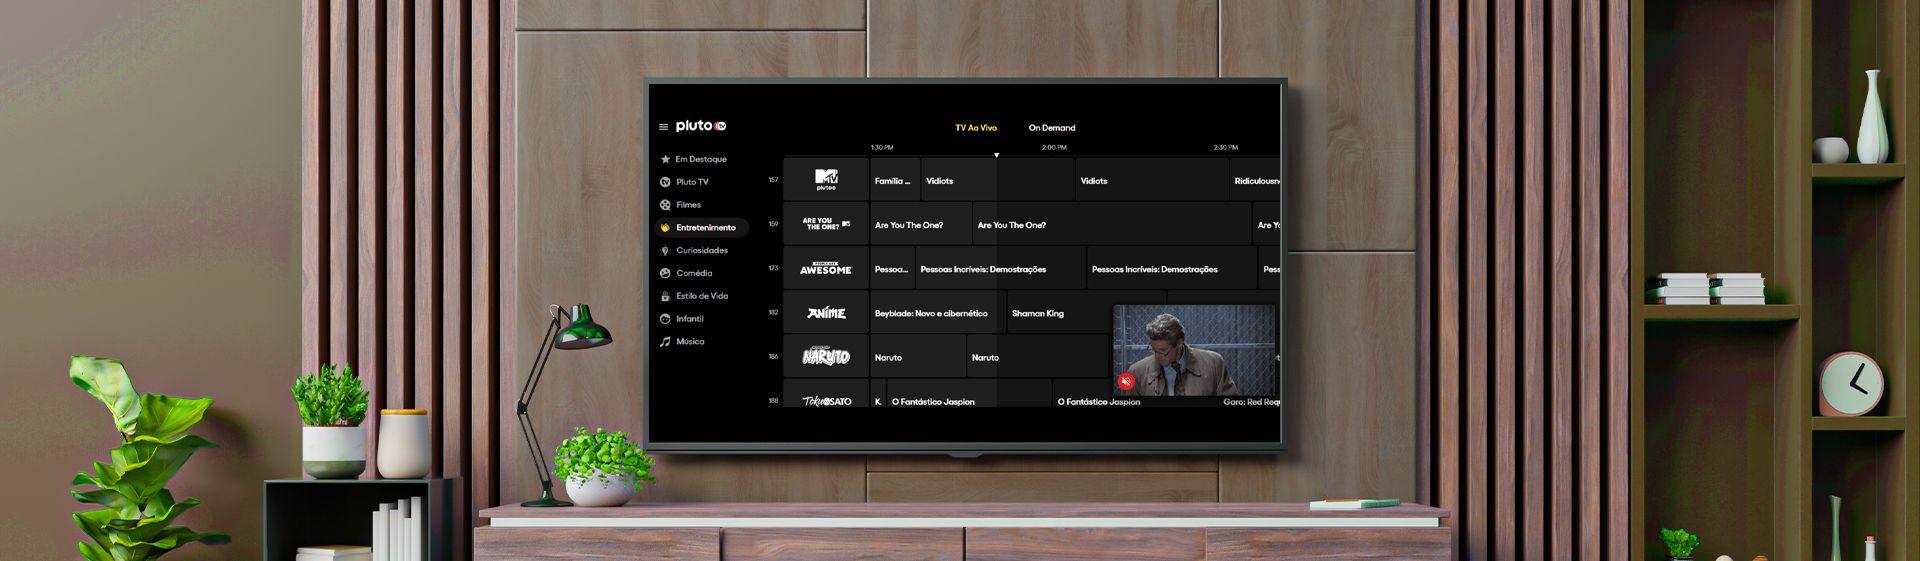 Como assistir TV online?